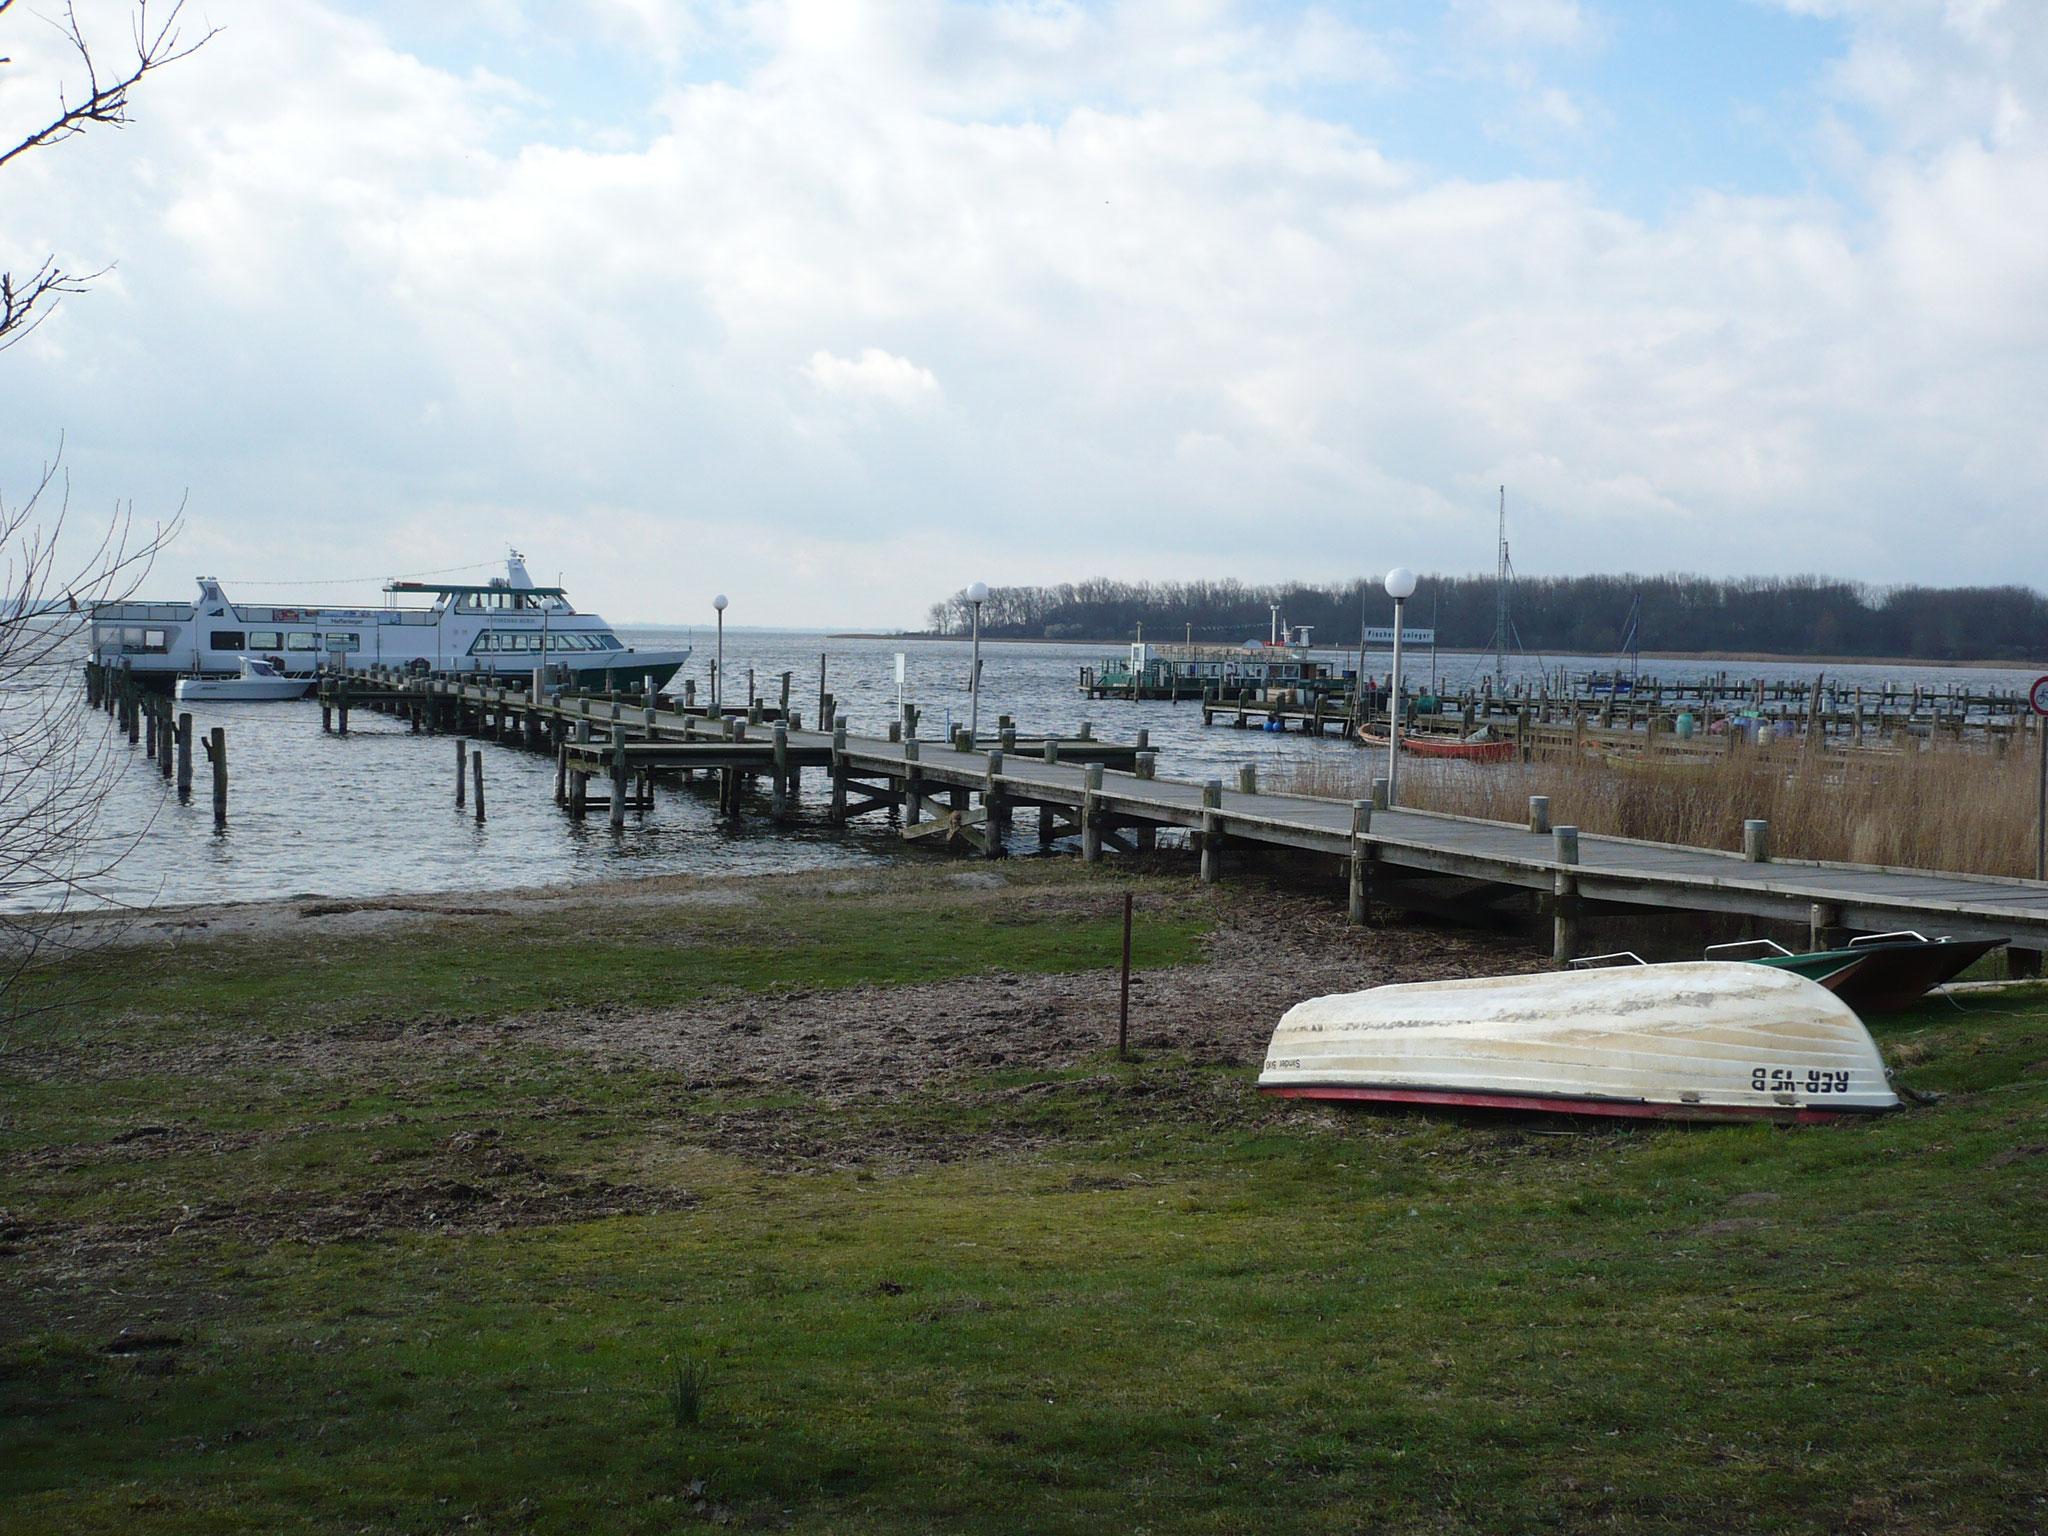 Hafen Anlegestellen rerik